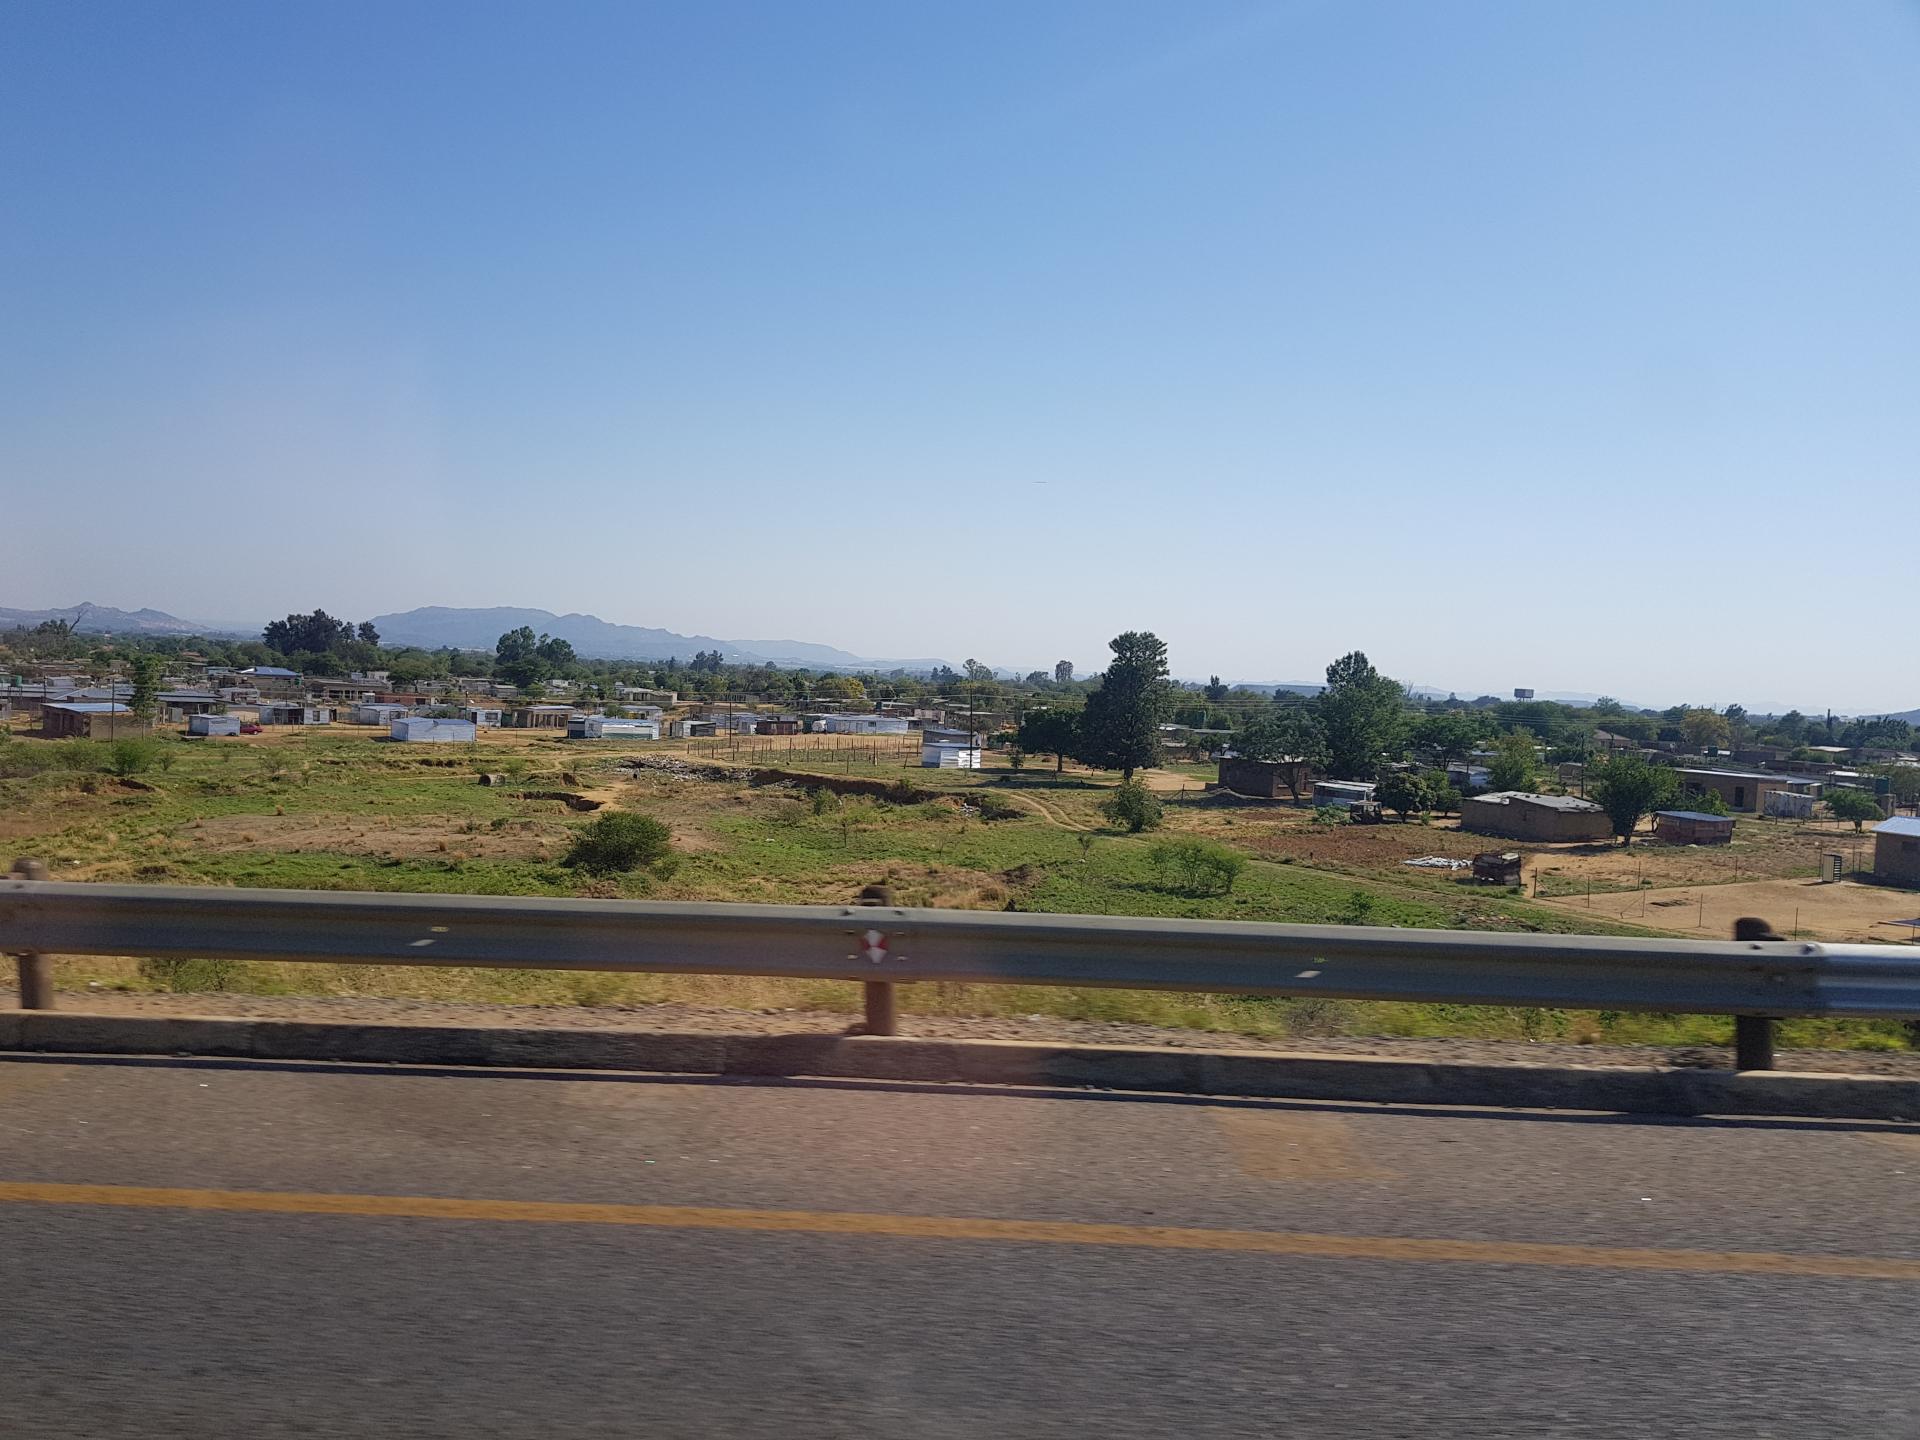 лачуги бедняков в ЮАР